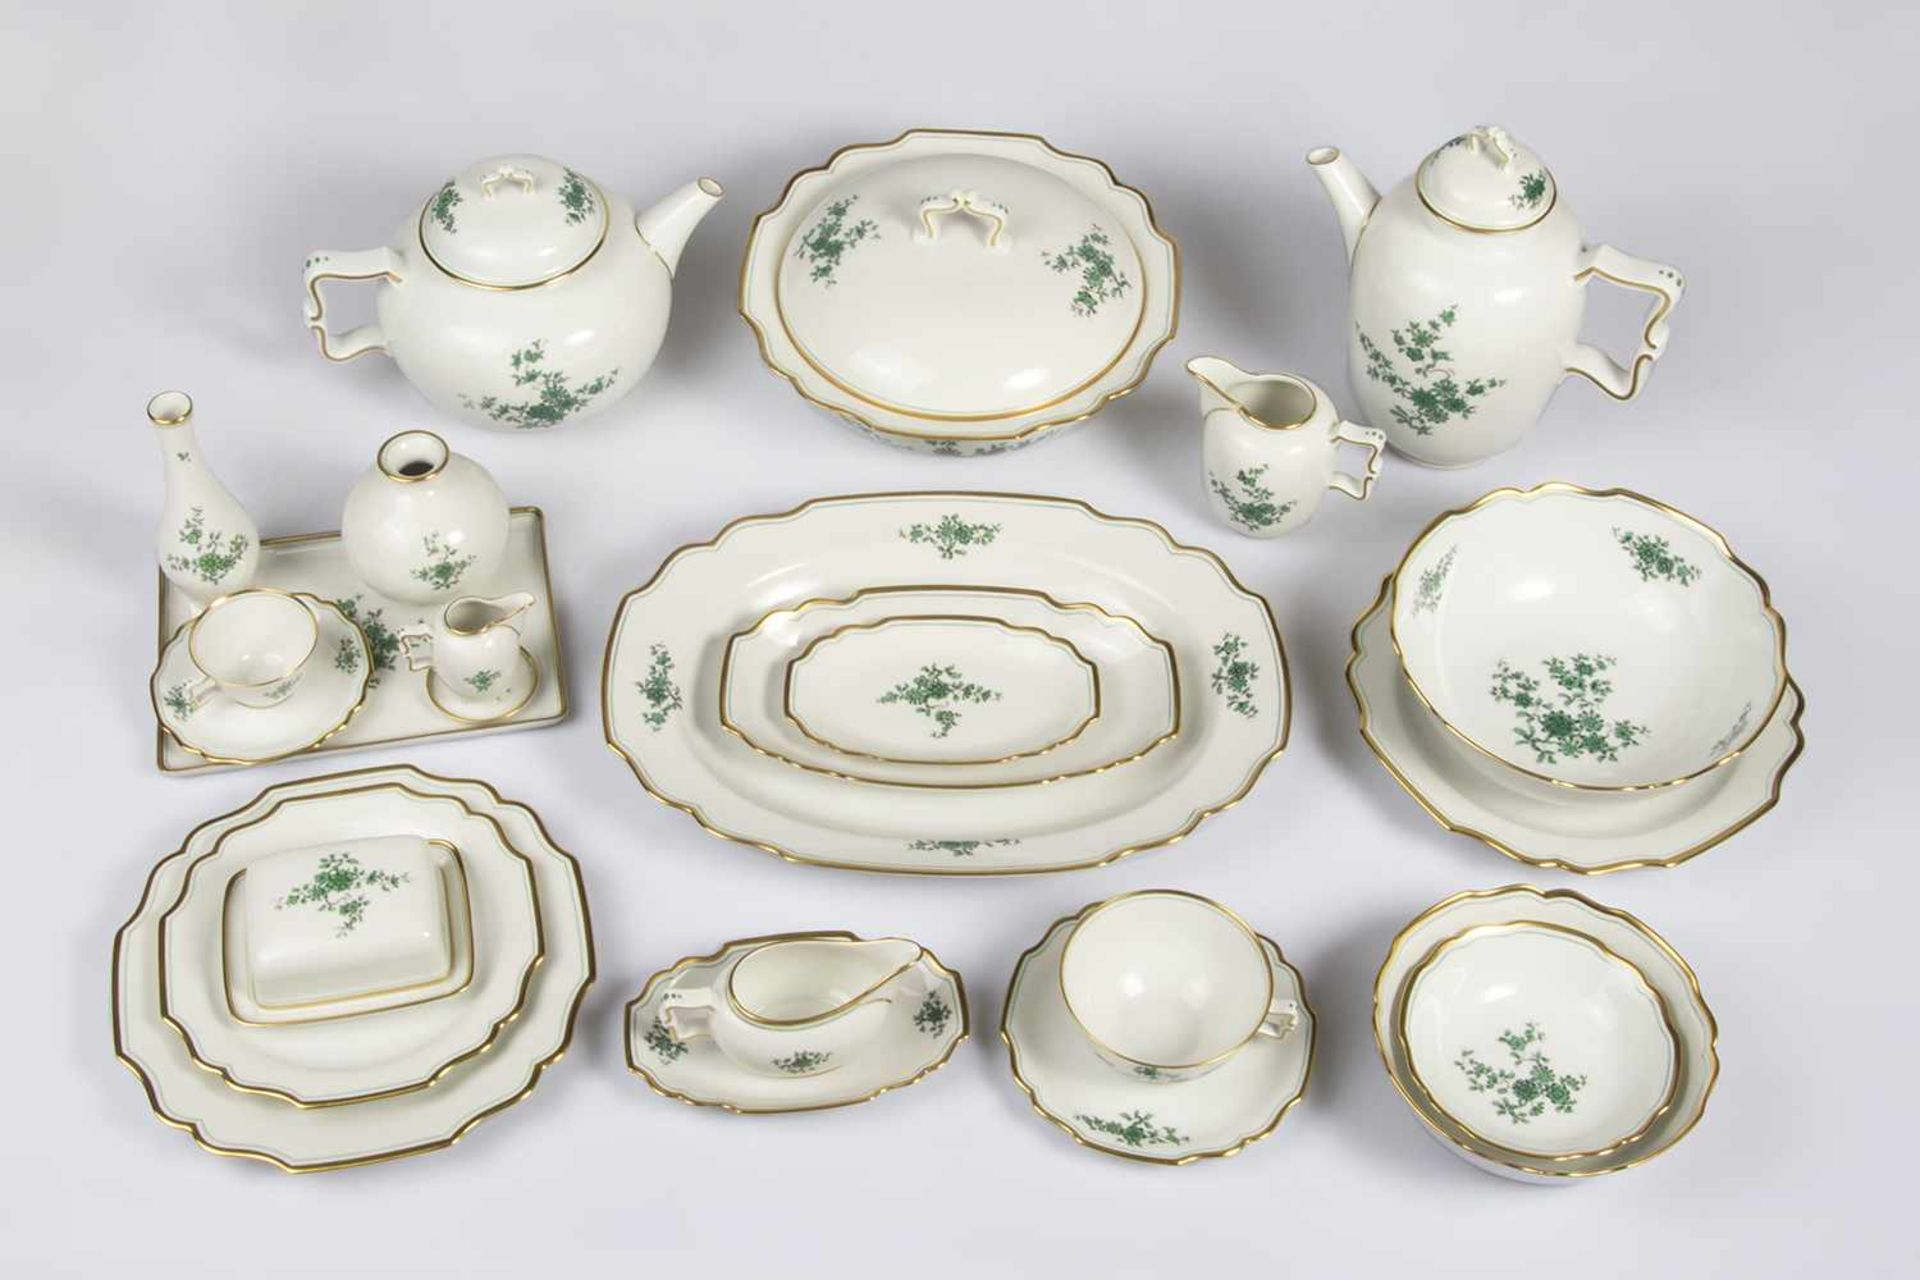 Los 54 - Speiseserviceteile Porzellan, Marke Augarten, asiatisches Dekor, gold gerändert best. aus: 8